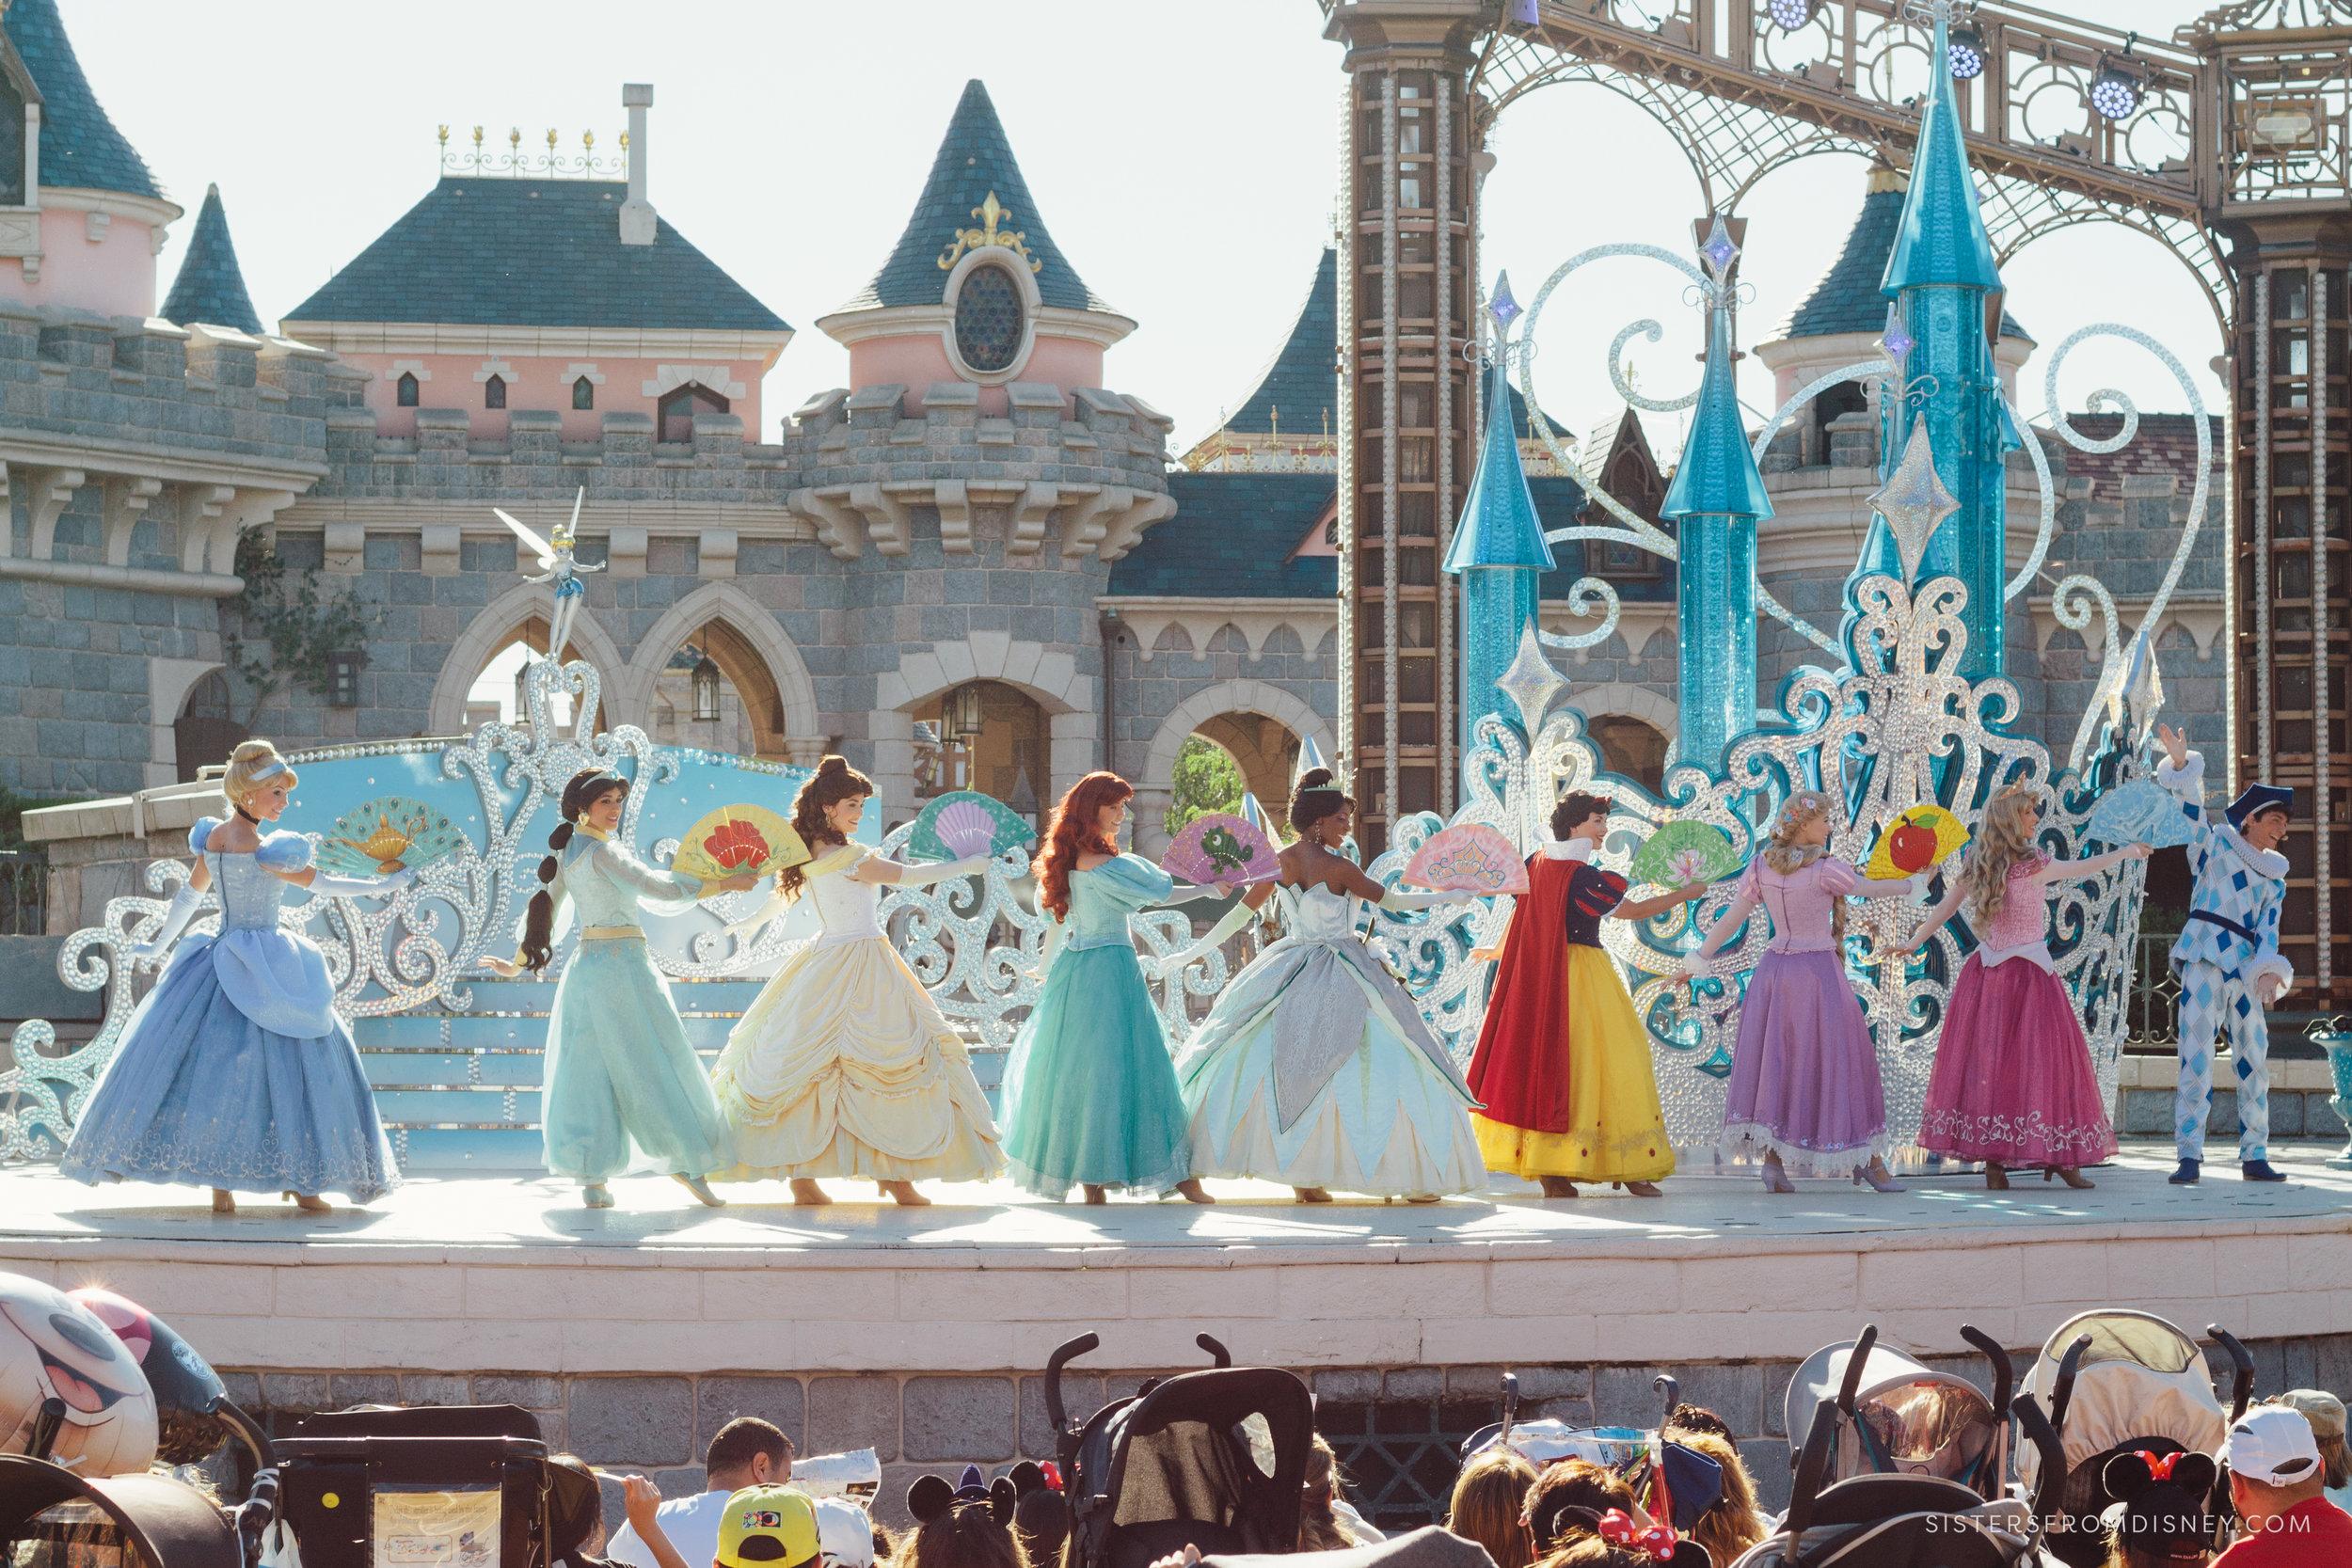 2018June_SFDblog_DisneylandParis_Watermark-3712.jpg